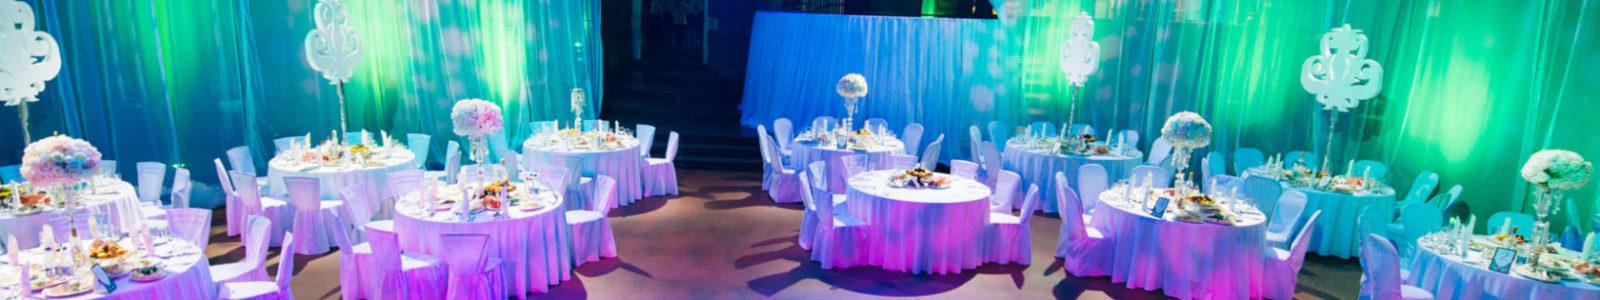 Оформление праздника светом в кафе, ресторане, клубе, на открытом воздухе – яркие идеи для незабываемого торжества